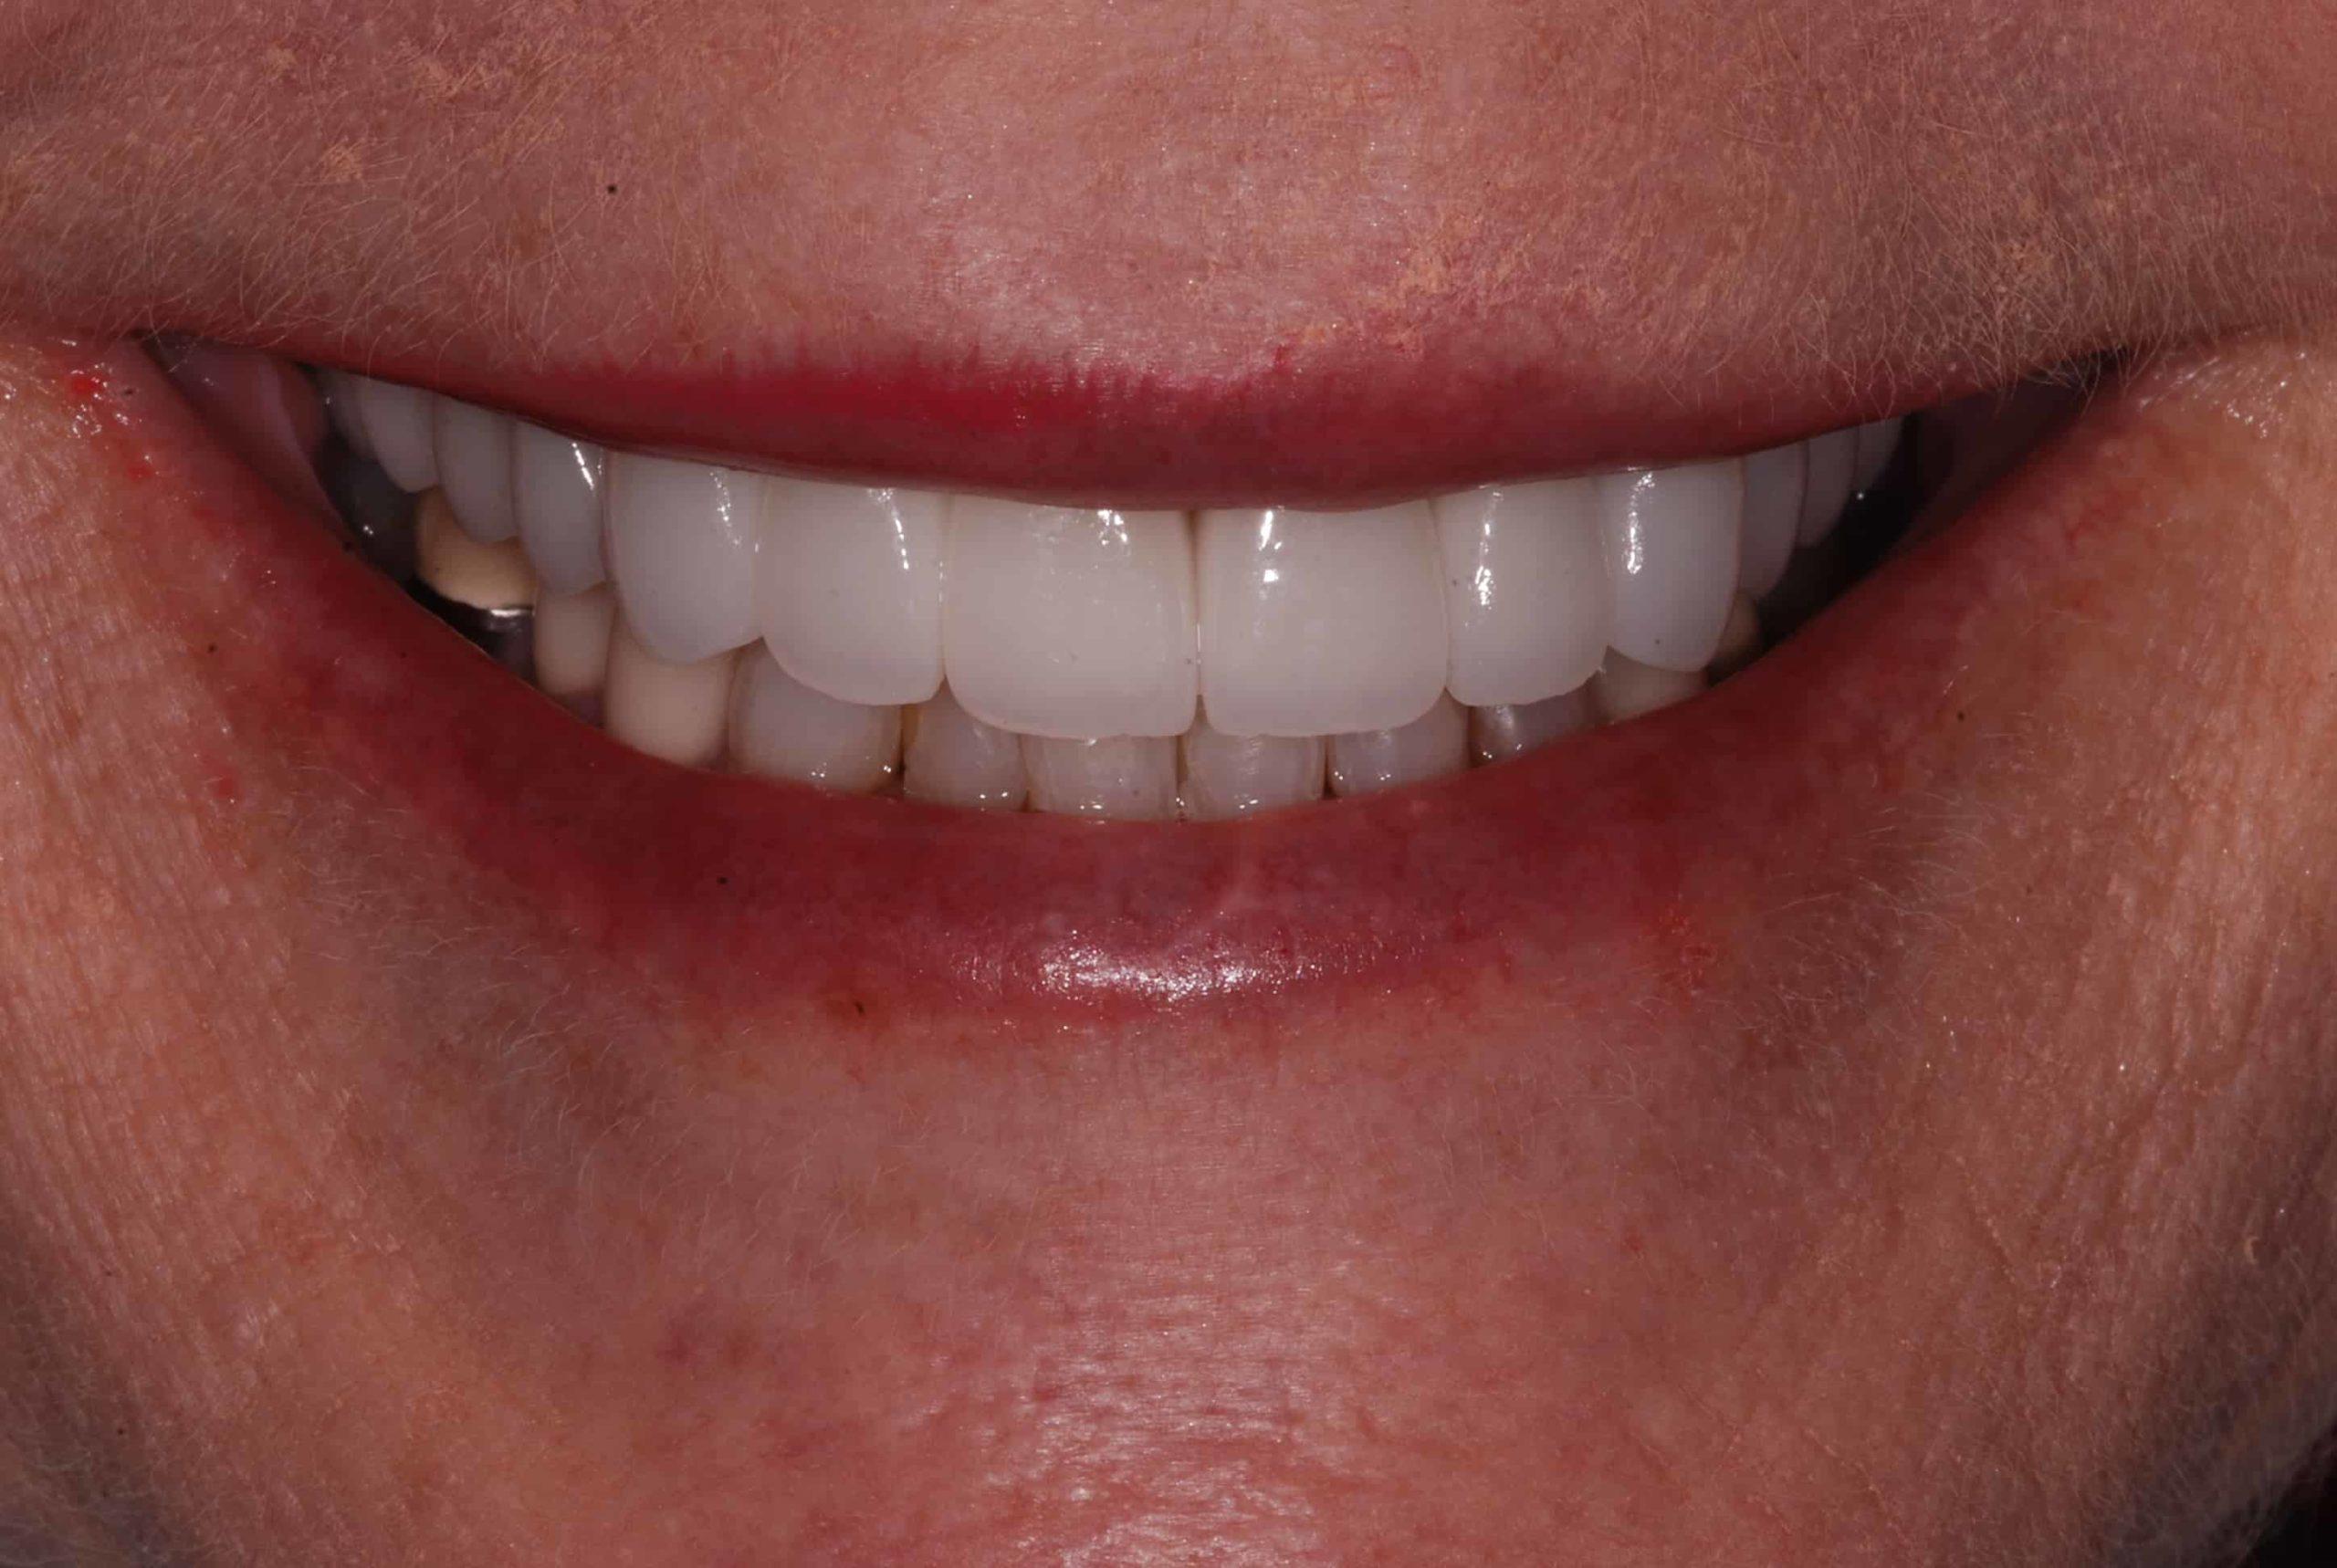 Cosmetic dental Veneers after 3